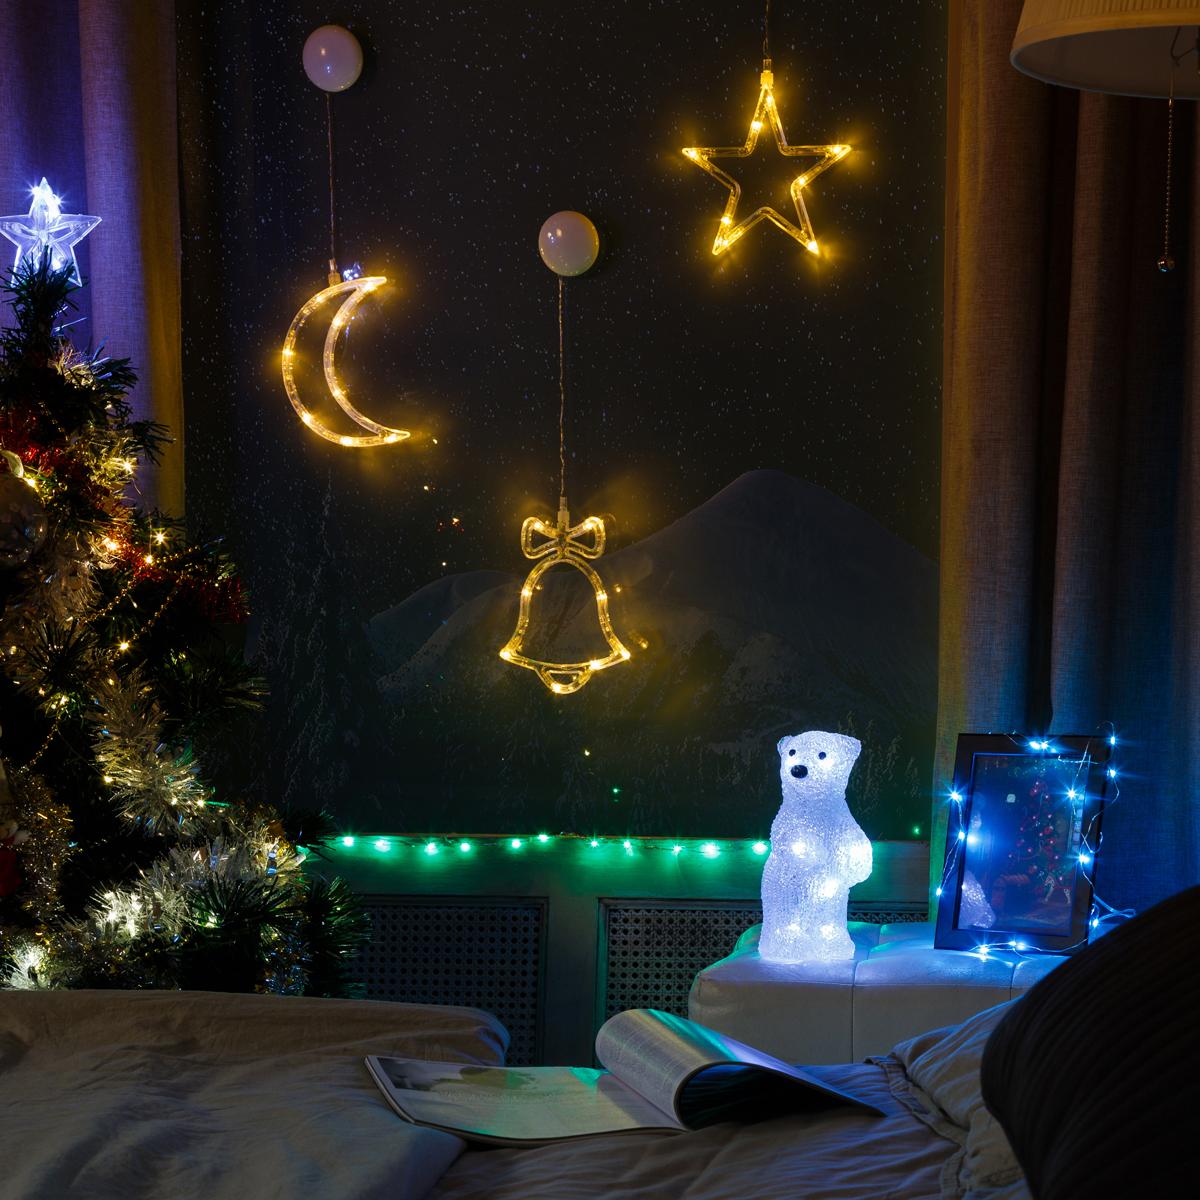 Комплект Neon-Night Спальня, для новогоднего украшения дома, цвет гирлянд: бирюзовый. 500-038 комплект neon night кухня для новогоднего украшения дома цвет гирлянд мультиколор 500 009